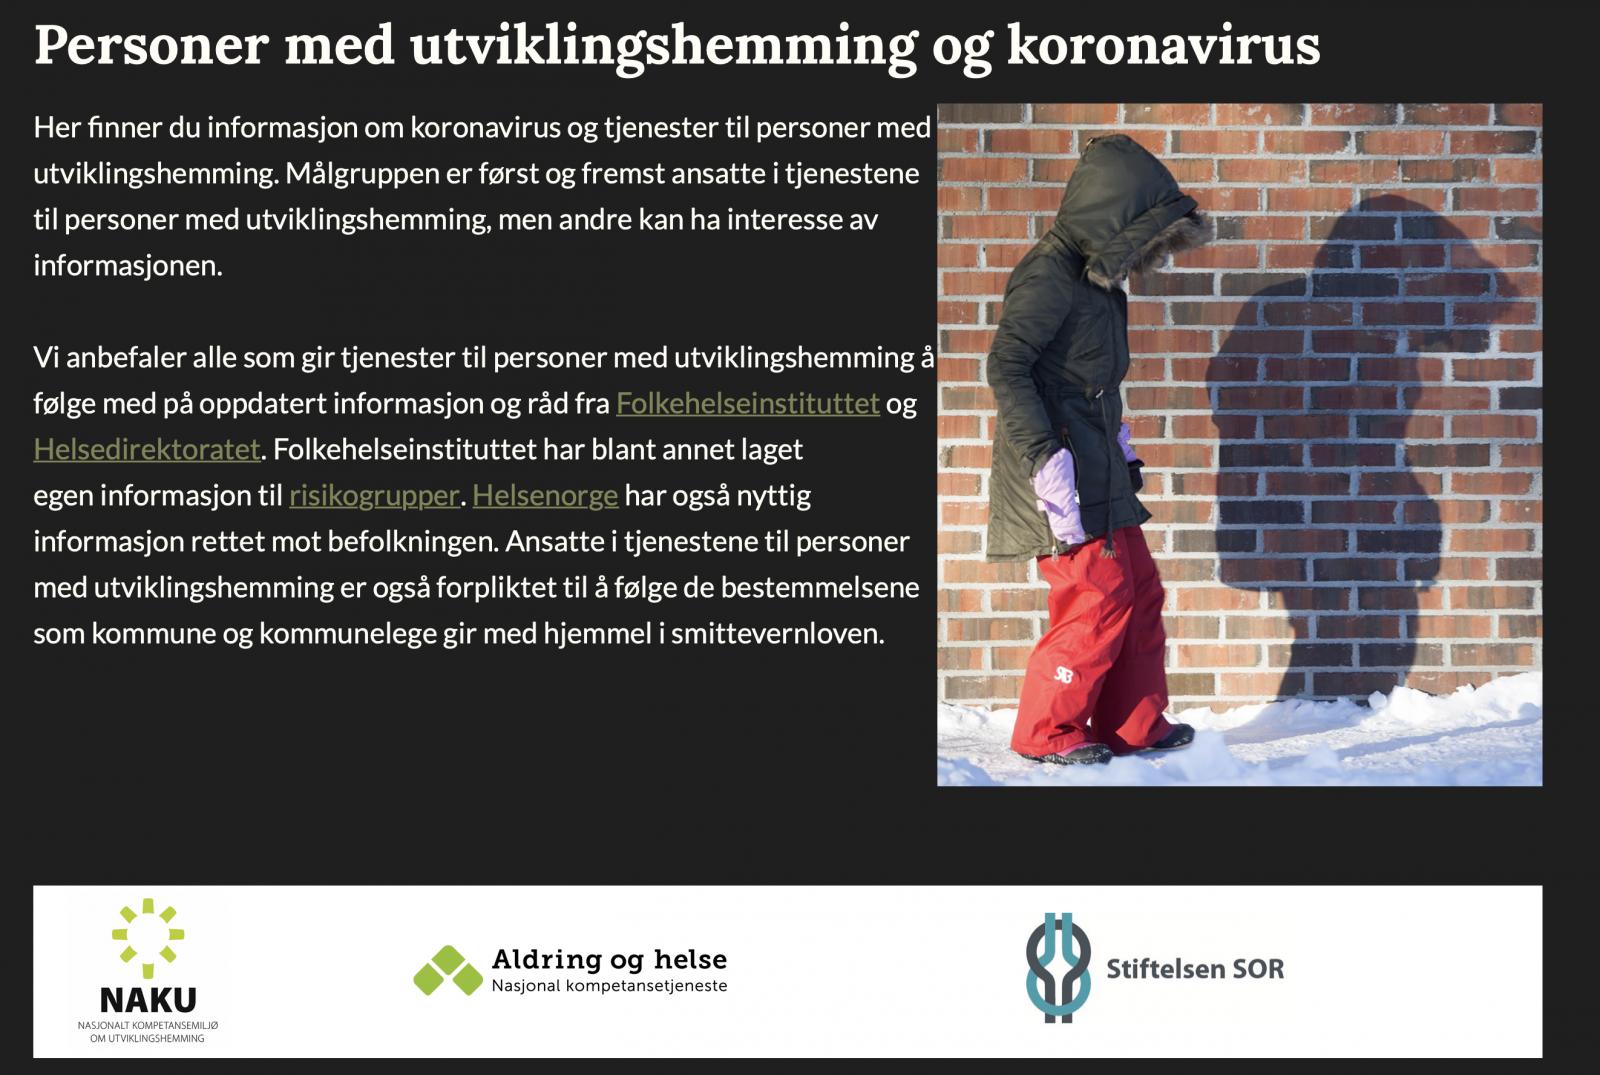 Nettside Om Personer Med Utviklingshemming Og Koronavirus Naku